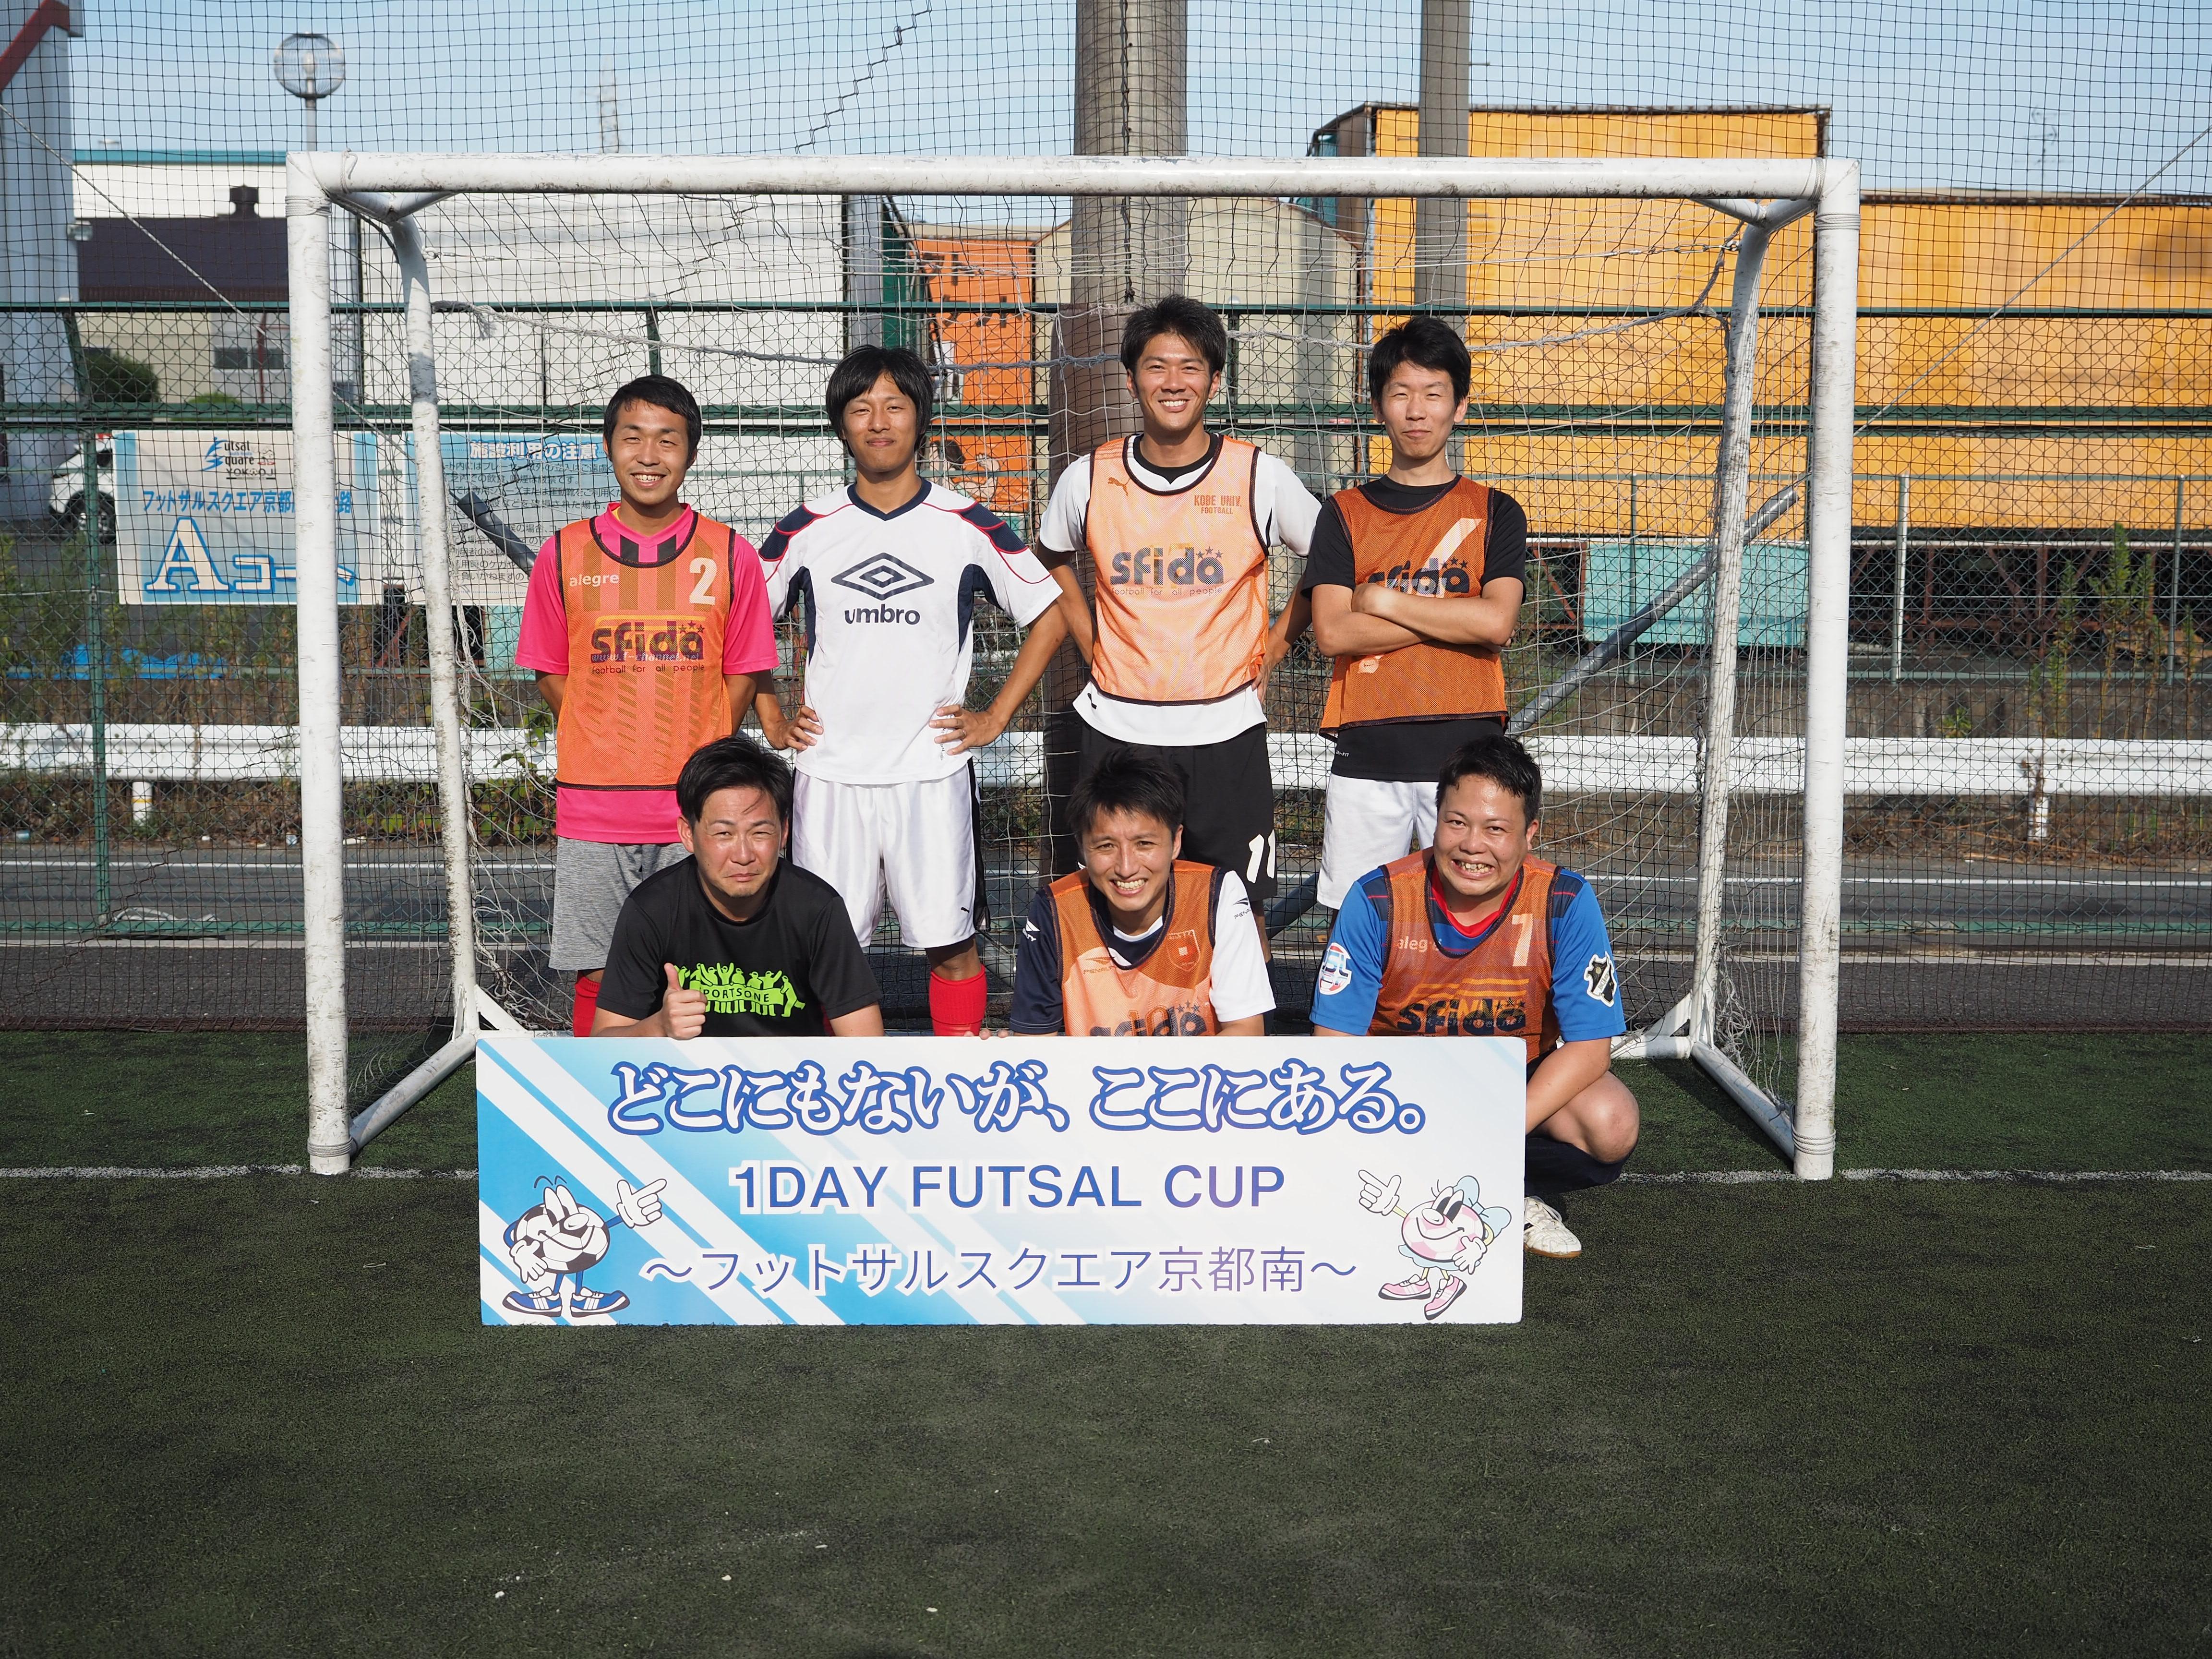 フットサルスクエア大会リーグ結果7